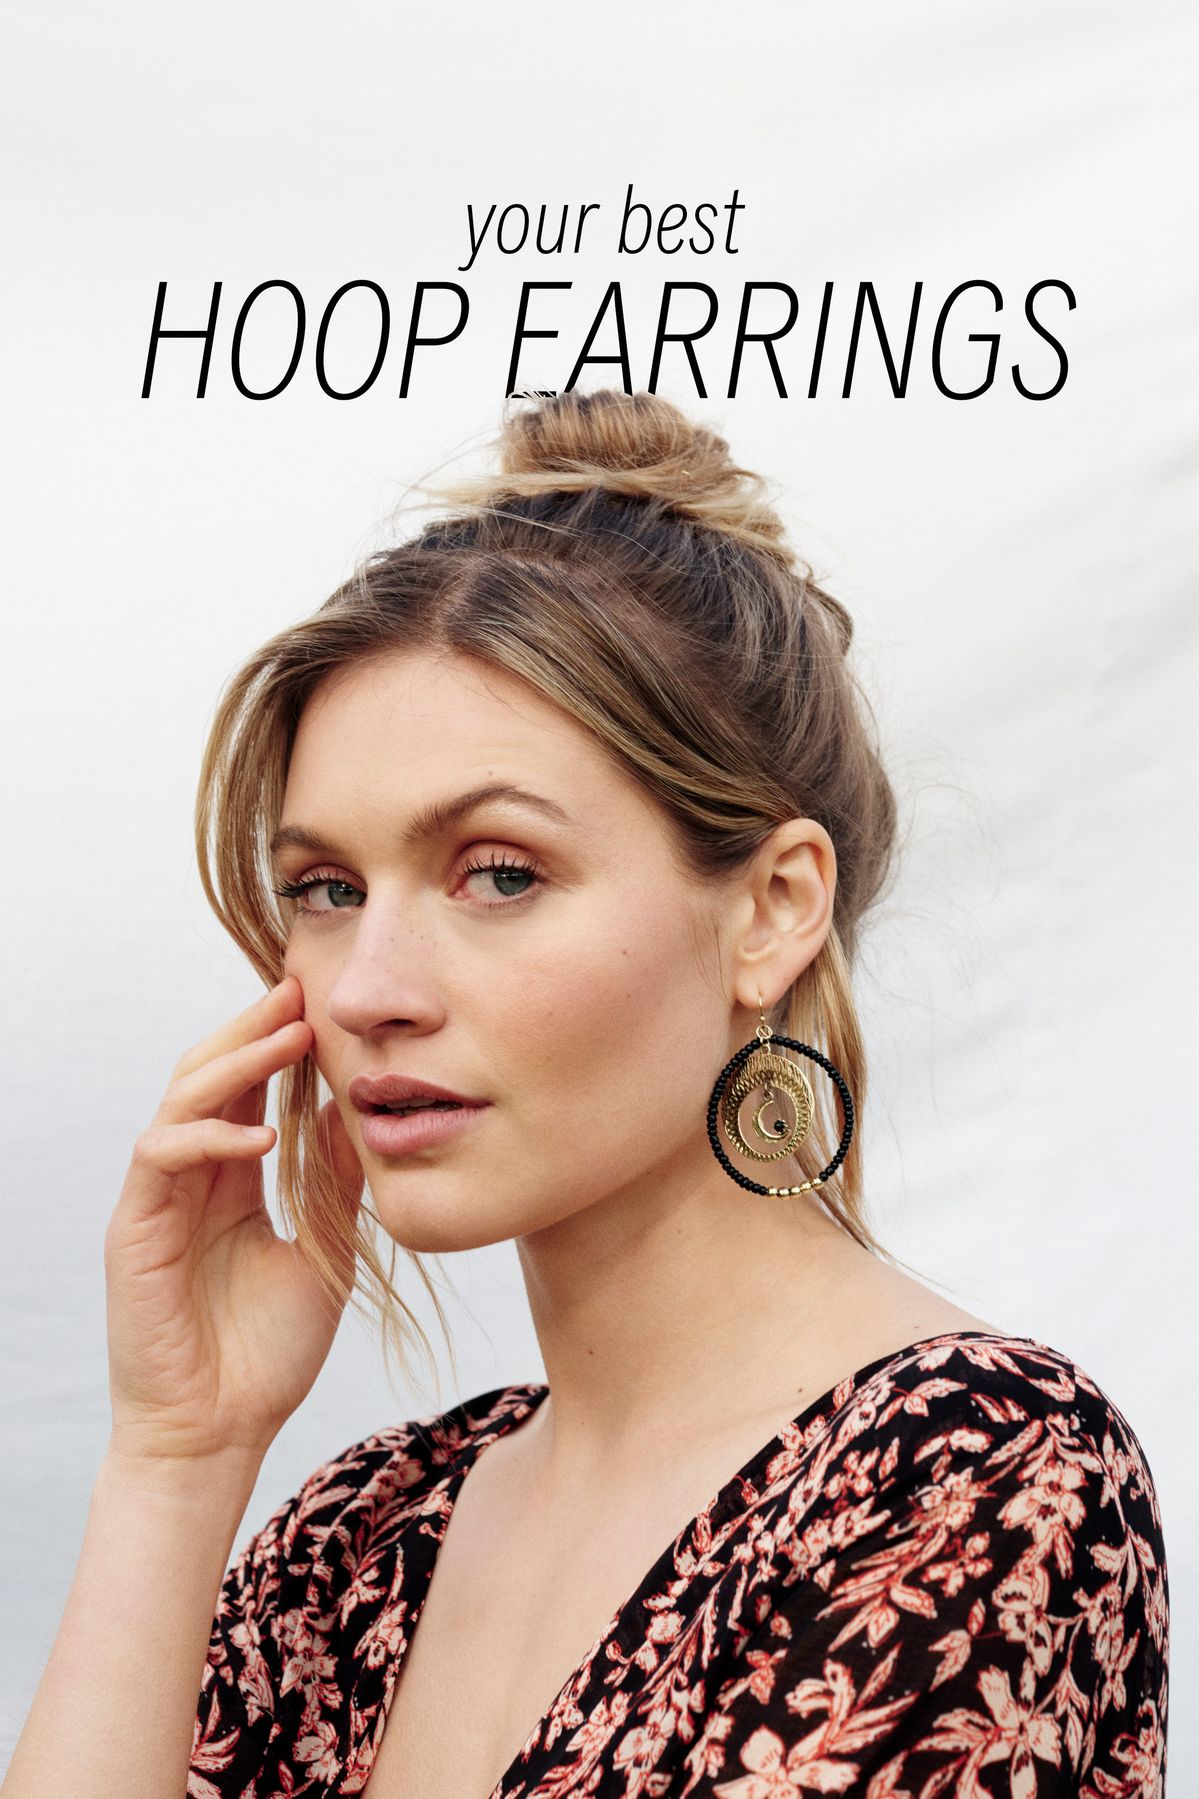 Your Best Hoop Earrings